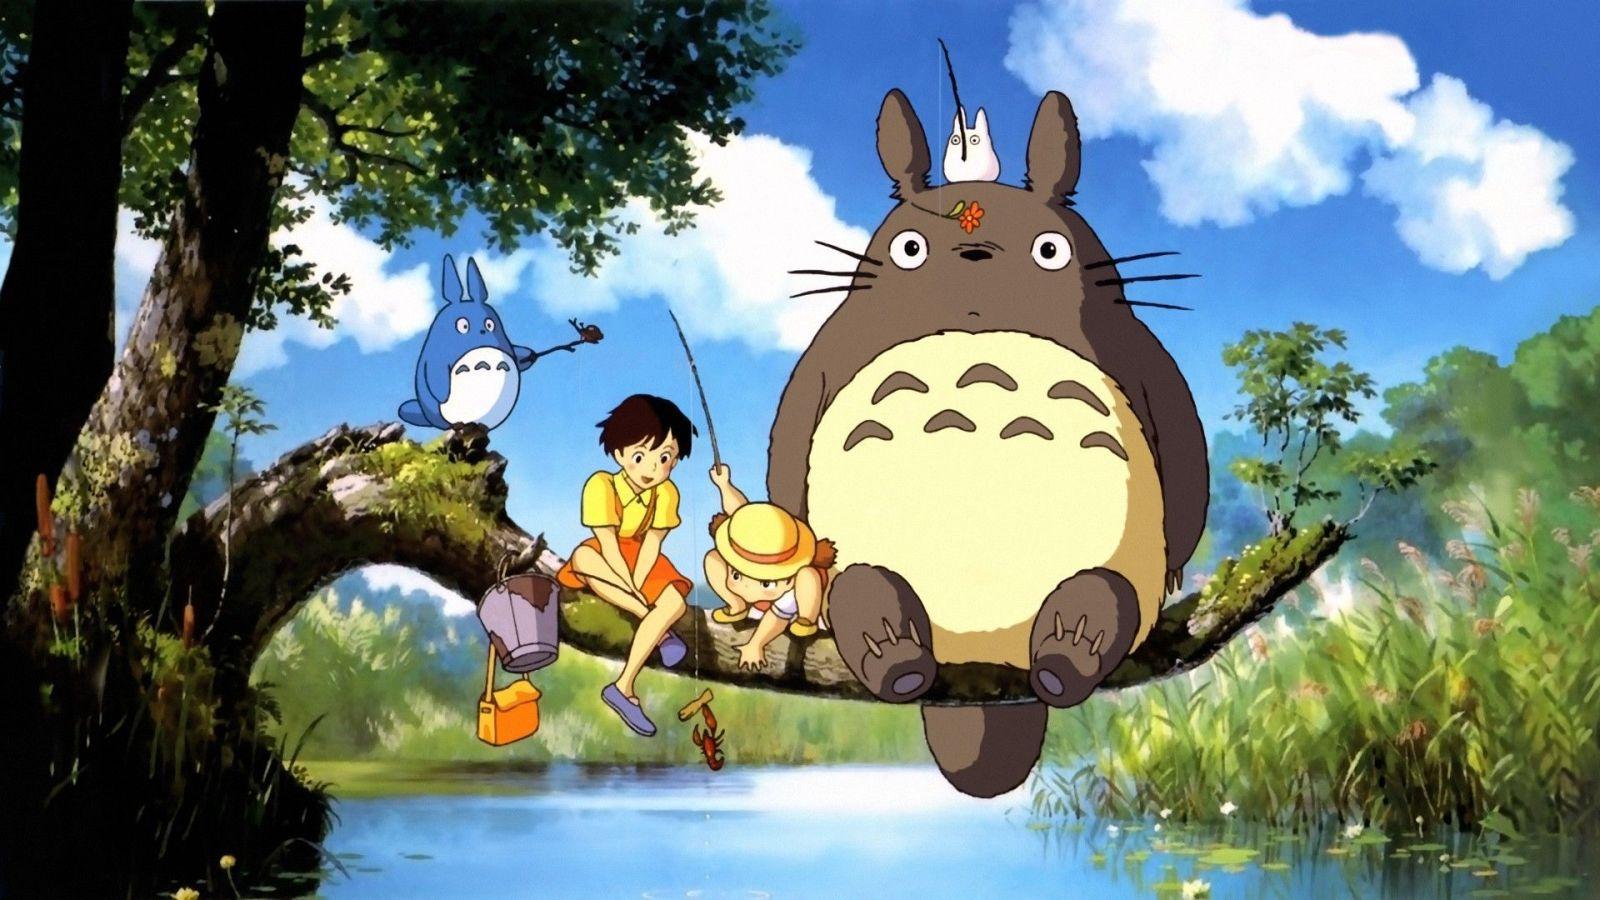 My Neighbor Totoro Anime Review